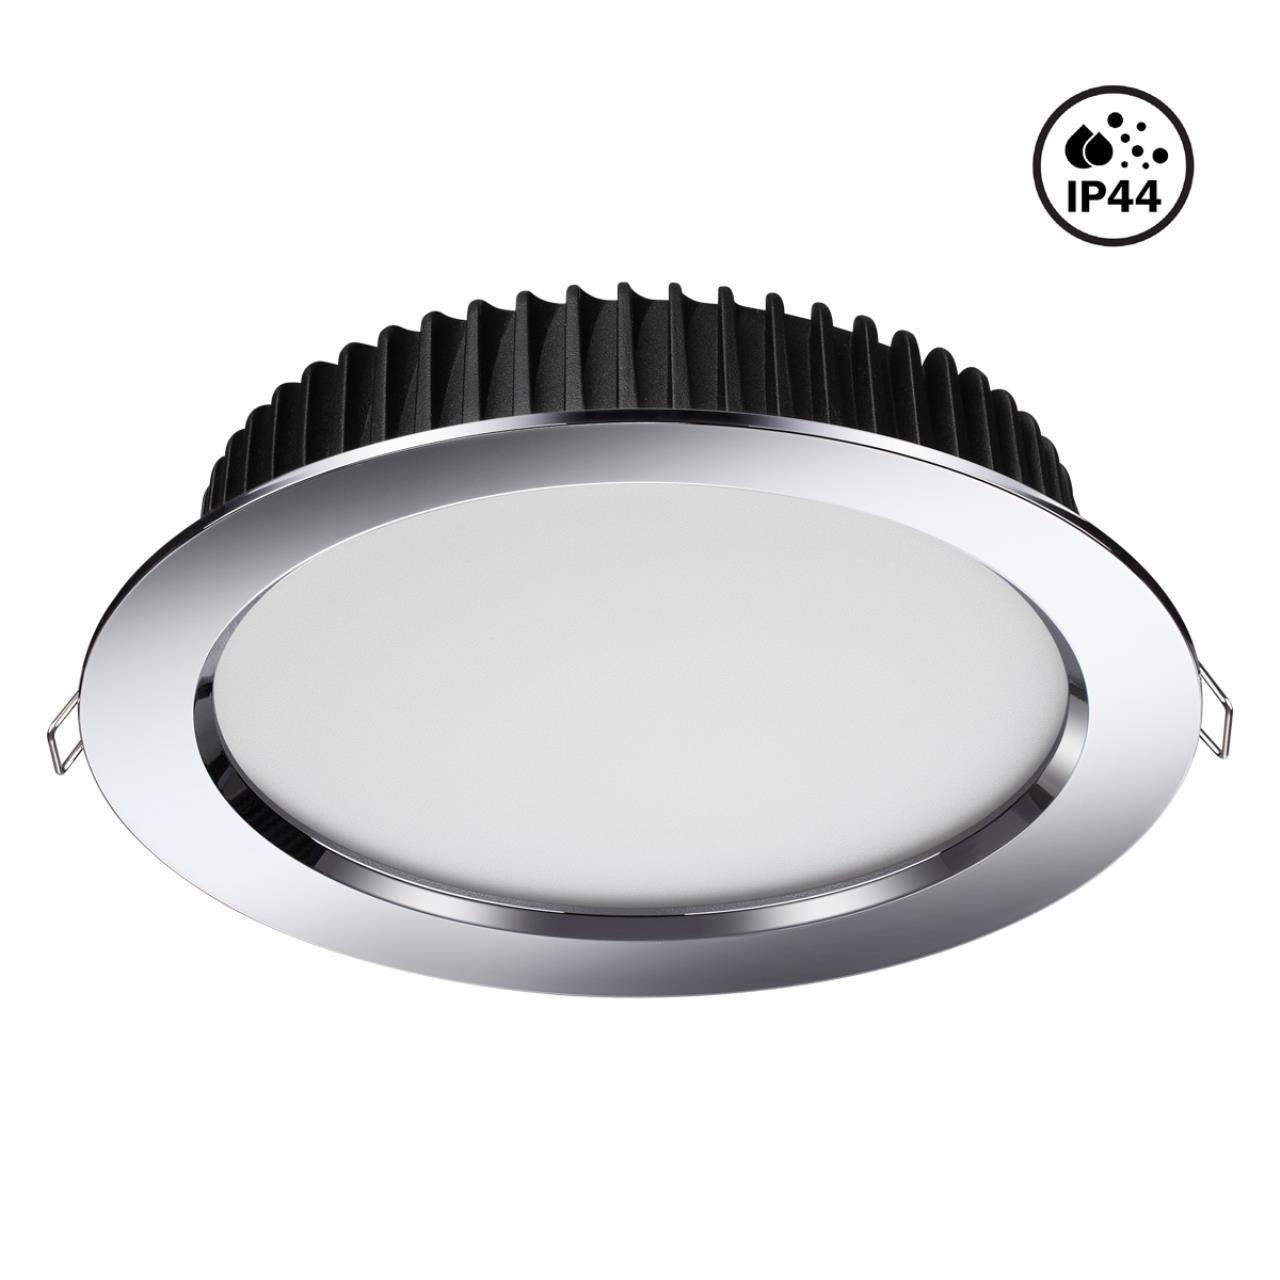 358305 SPOT NT19 000 хром Встраиваемый св-к (драйвер в комплект не входит) IP44 LED3000K 20W 85-265V